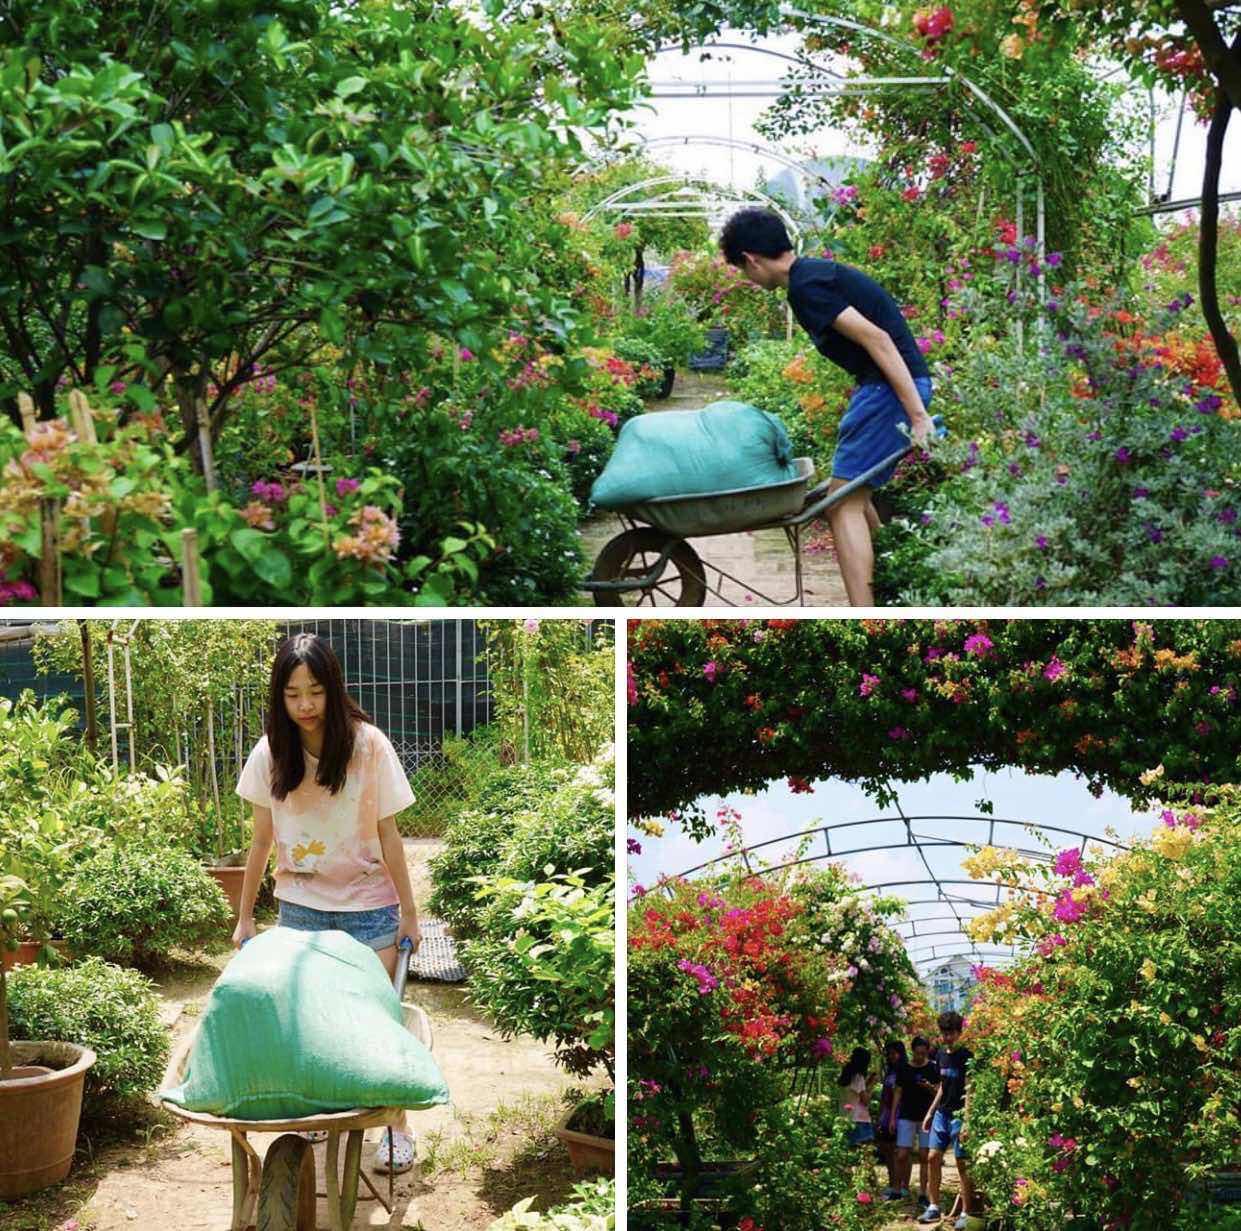 Dự án tái chế lõi ngô của học sinh Việt giành ngôi Vô địch cuộc thi Khởi nghiệp trẻ quốc tế - Ảnh 4.